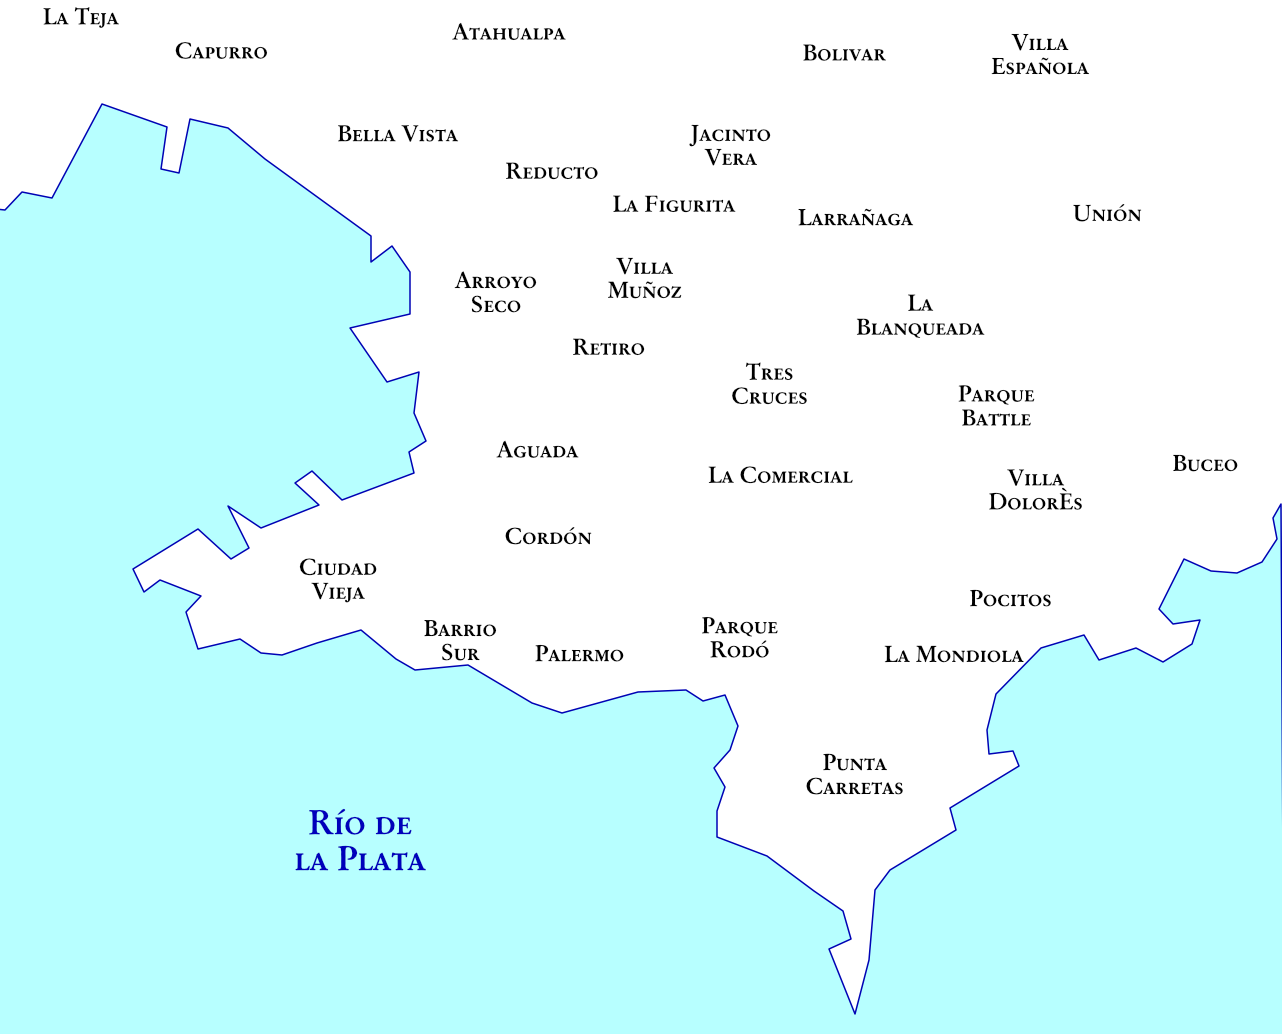 Schéma des quartiers de Montevideo